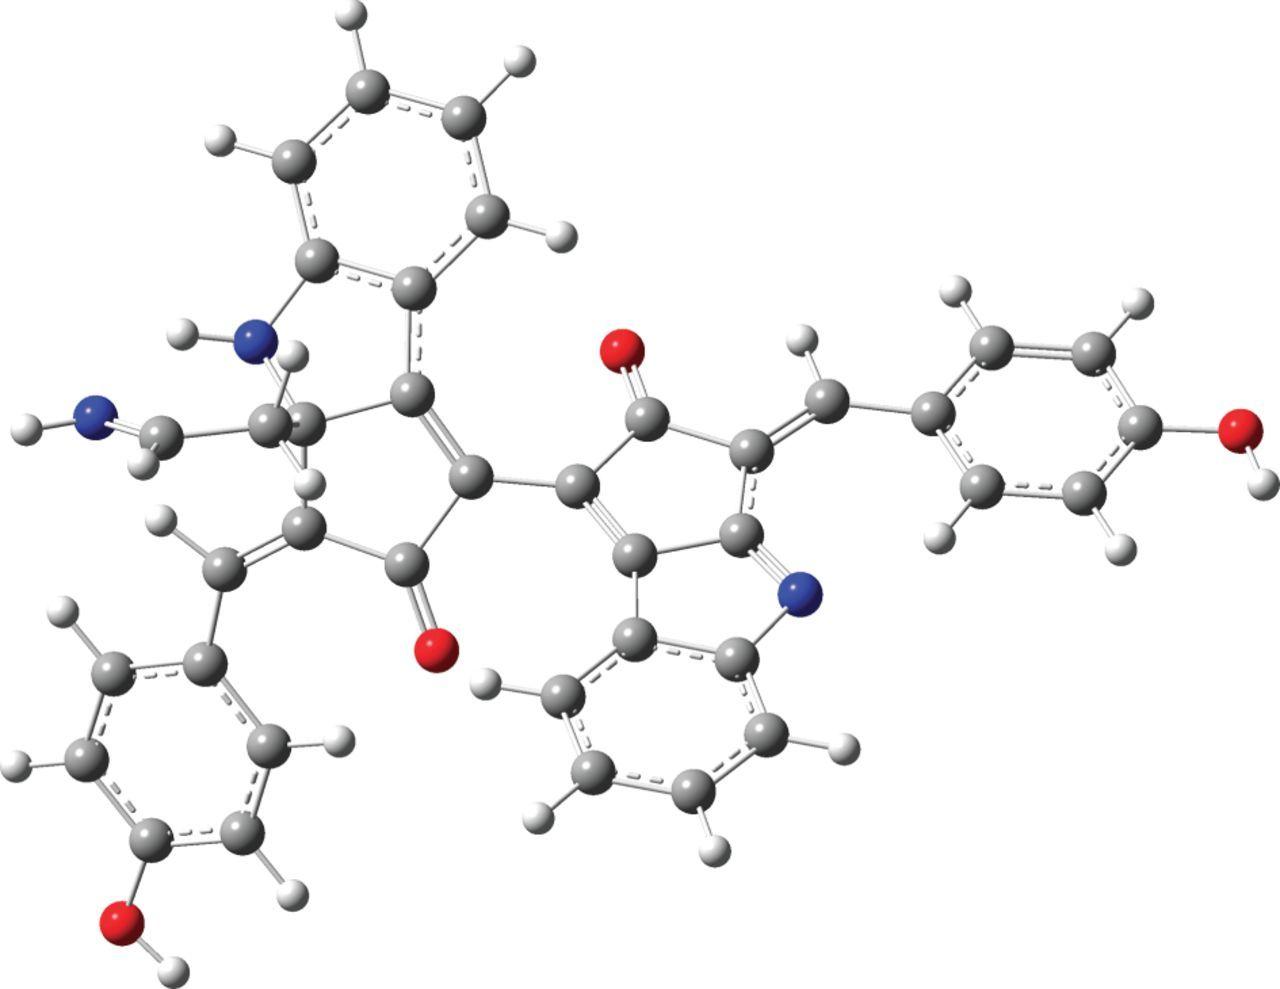 Raman spectroscopic fingerprints of scytonemin-imine